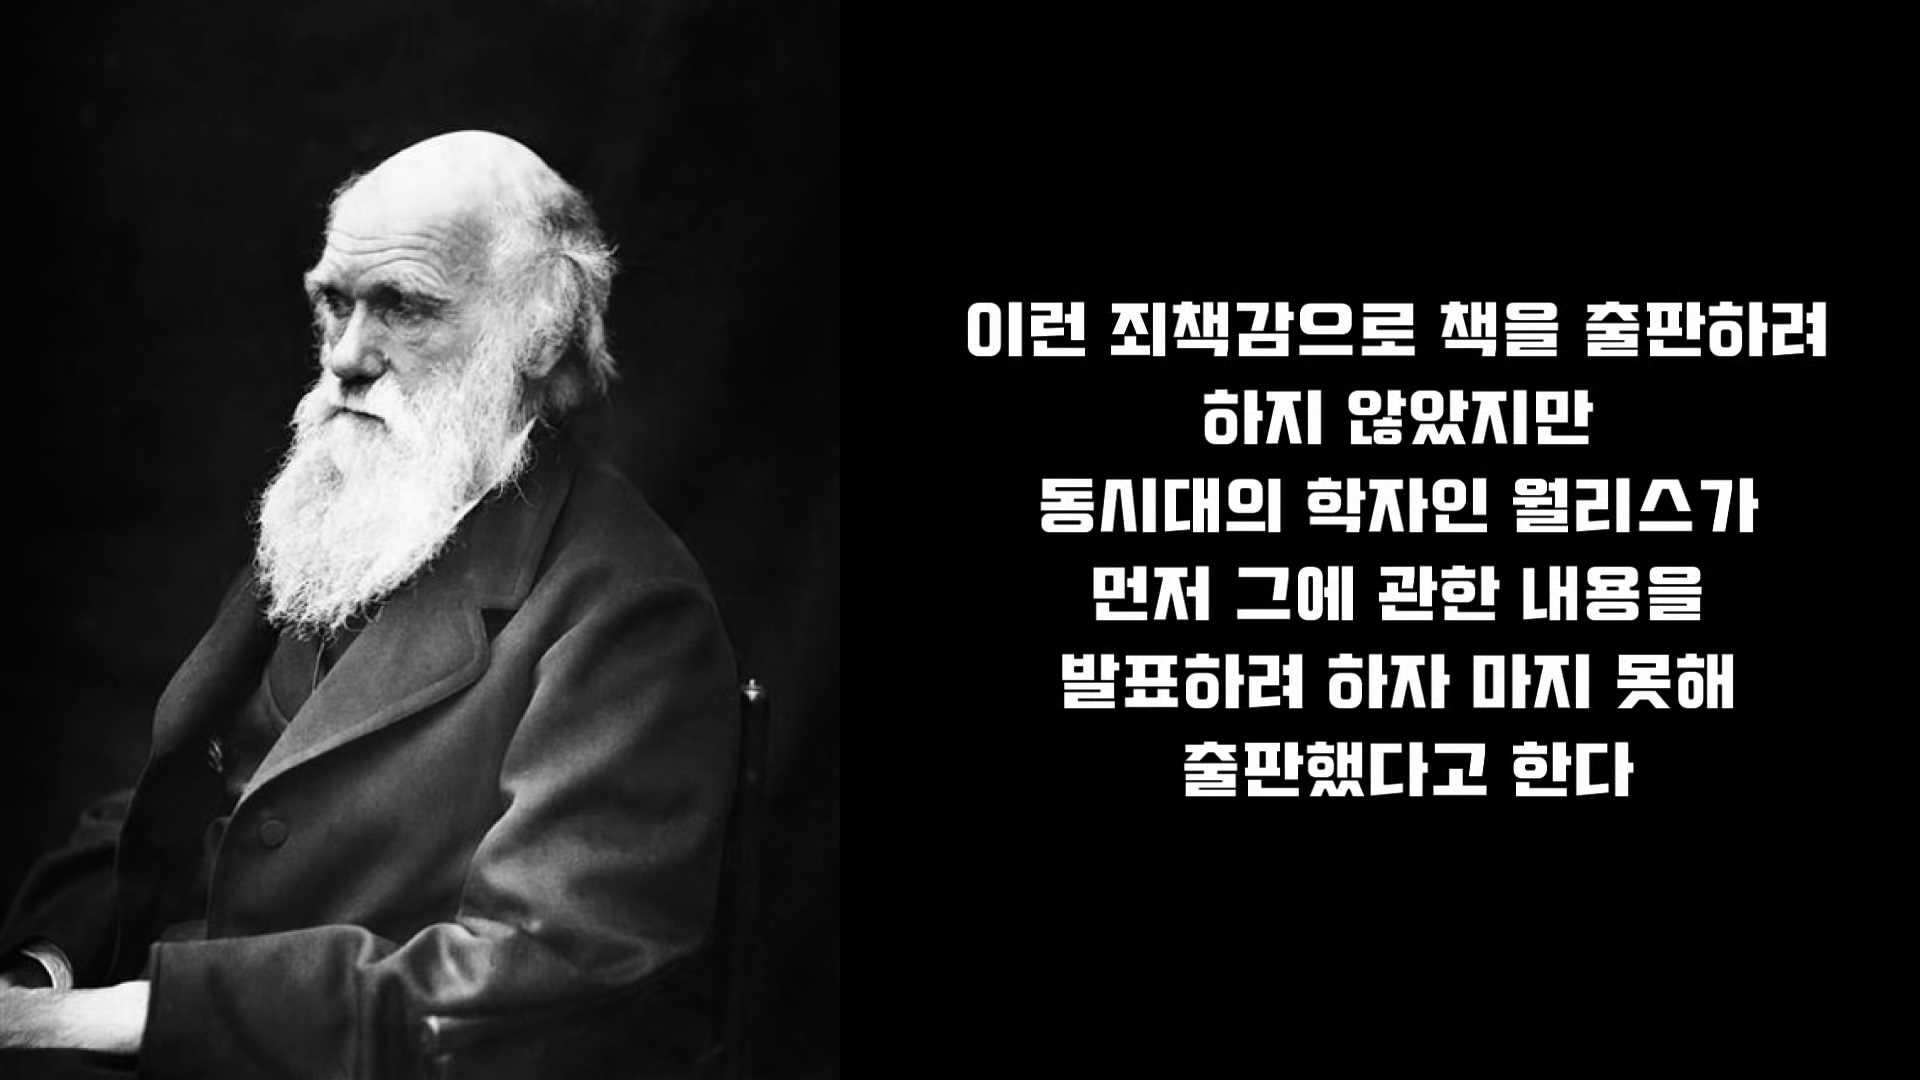 찰스 다윈의 인생과 그의 정신병.mp4_000436757.jpg